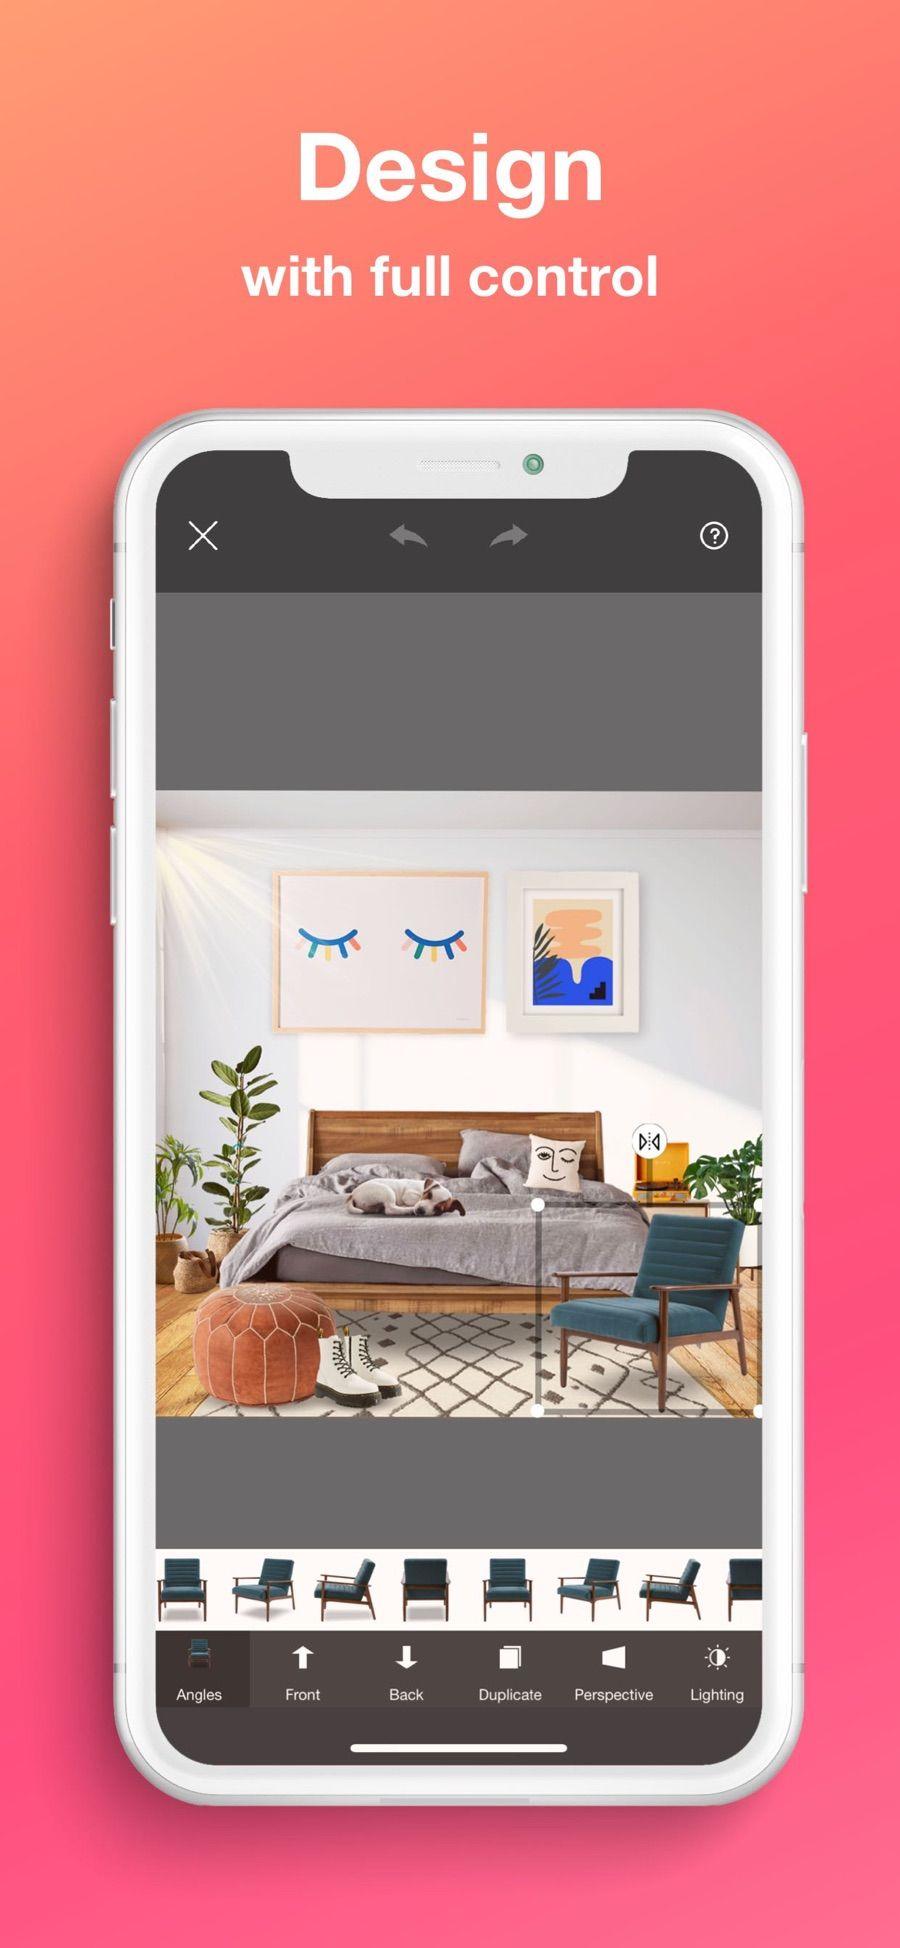 Decor Matters Design Shop On The App Store Shop Design